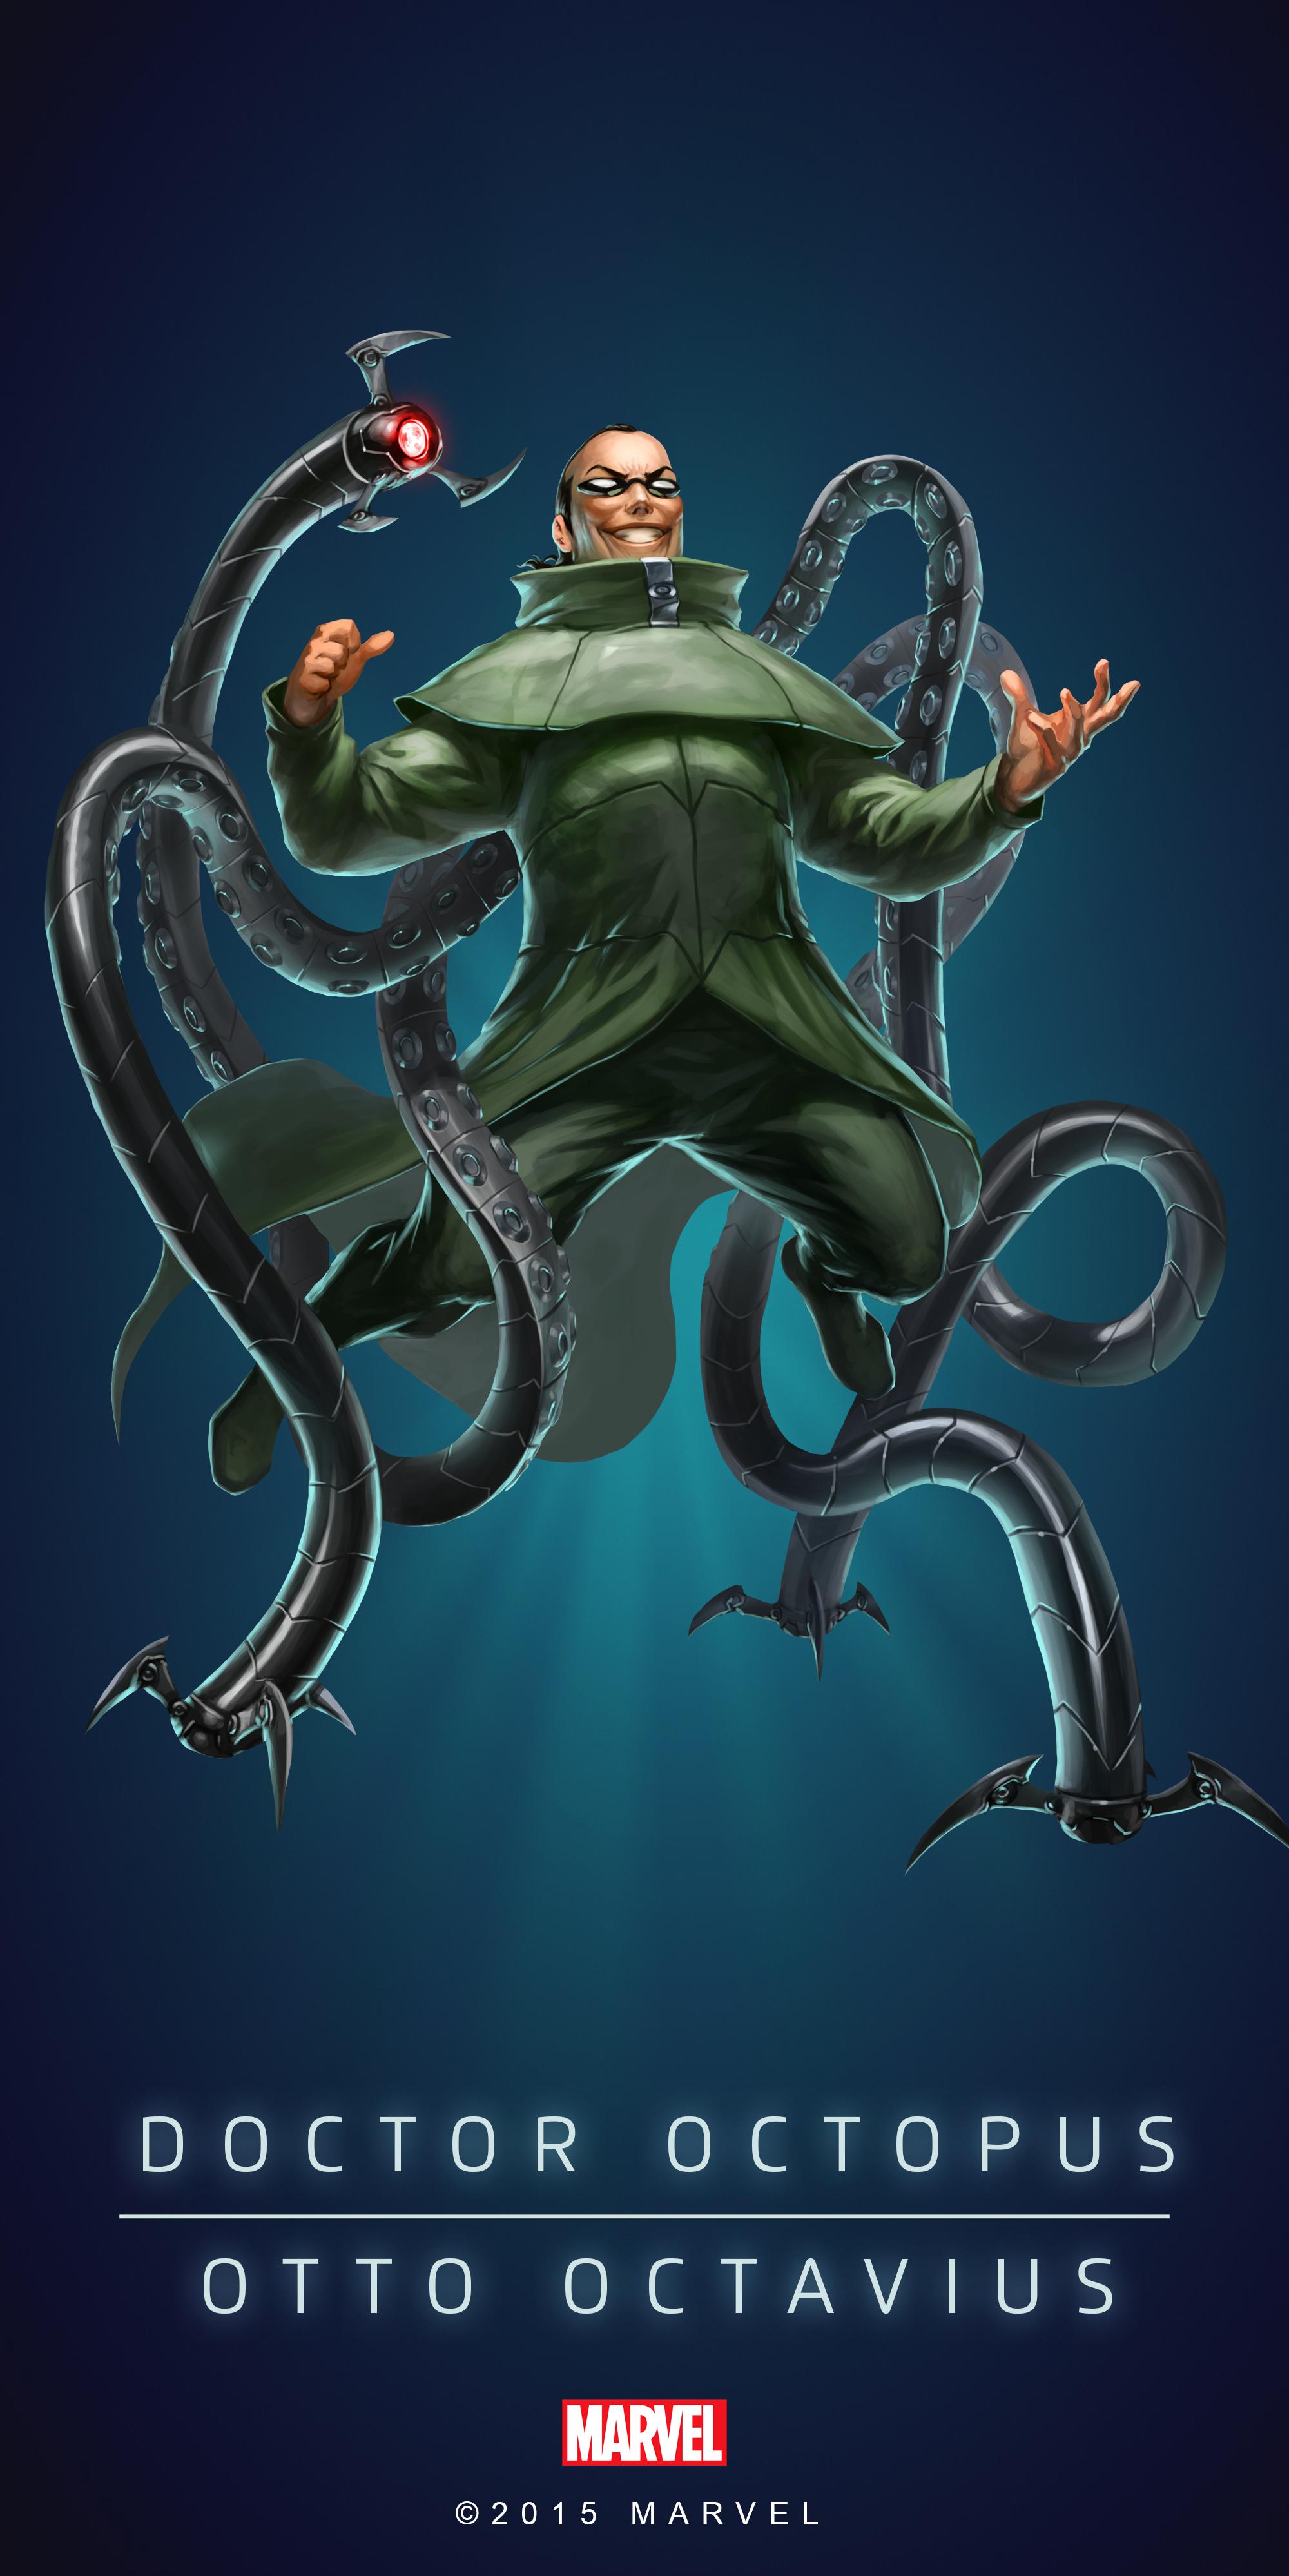 Doctor Octopus Fan Art DOCTOR OCTOPUS   OTTO OCTAVIUS IN 2000x3997